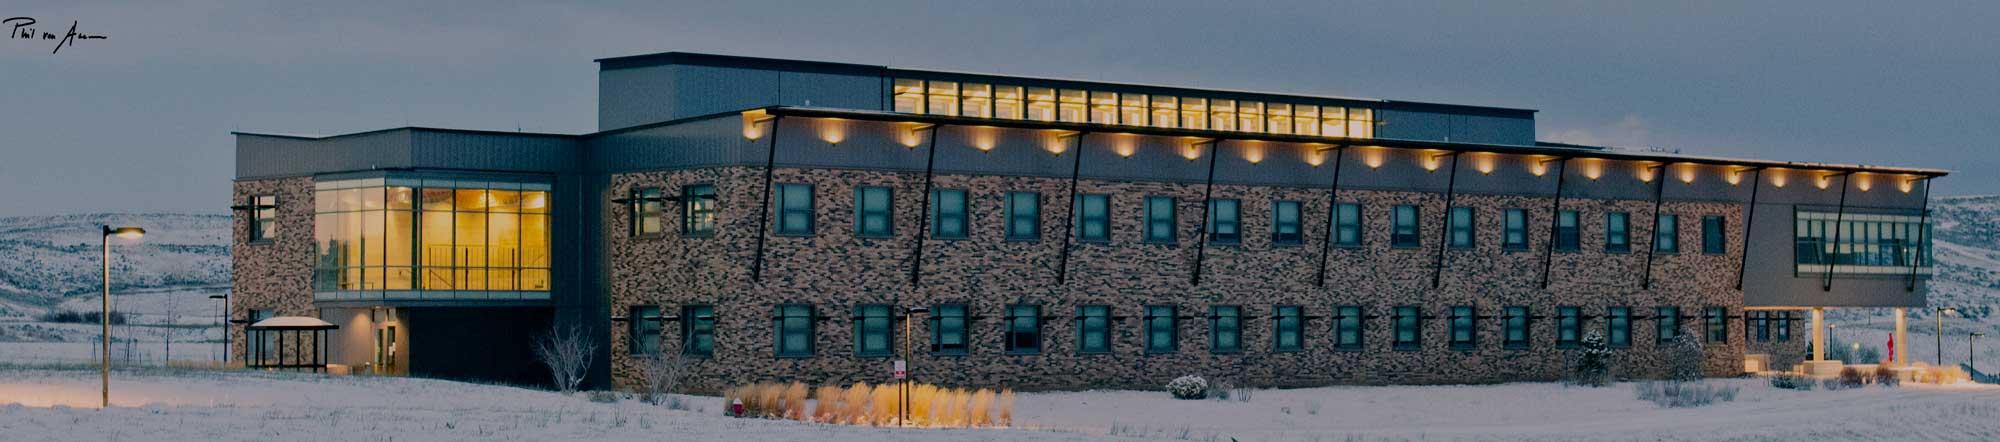 Large building at dusk lit up.